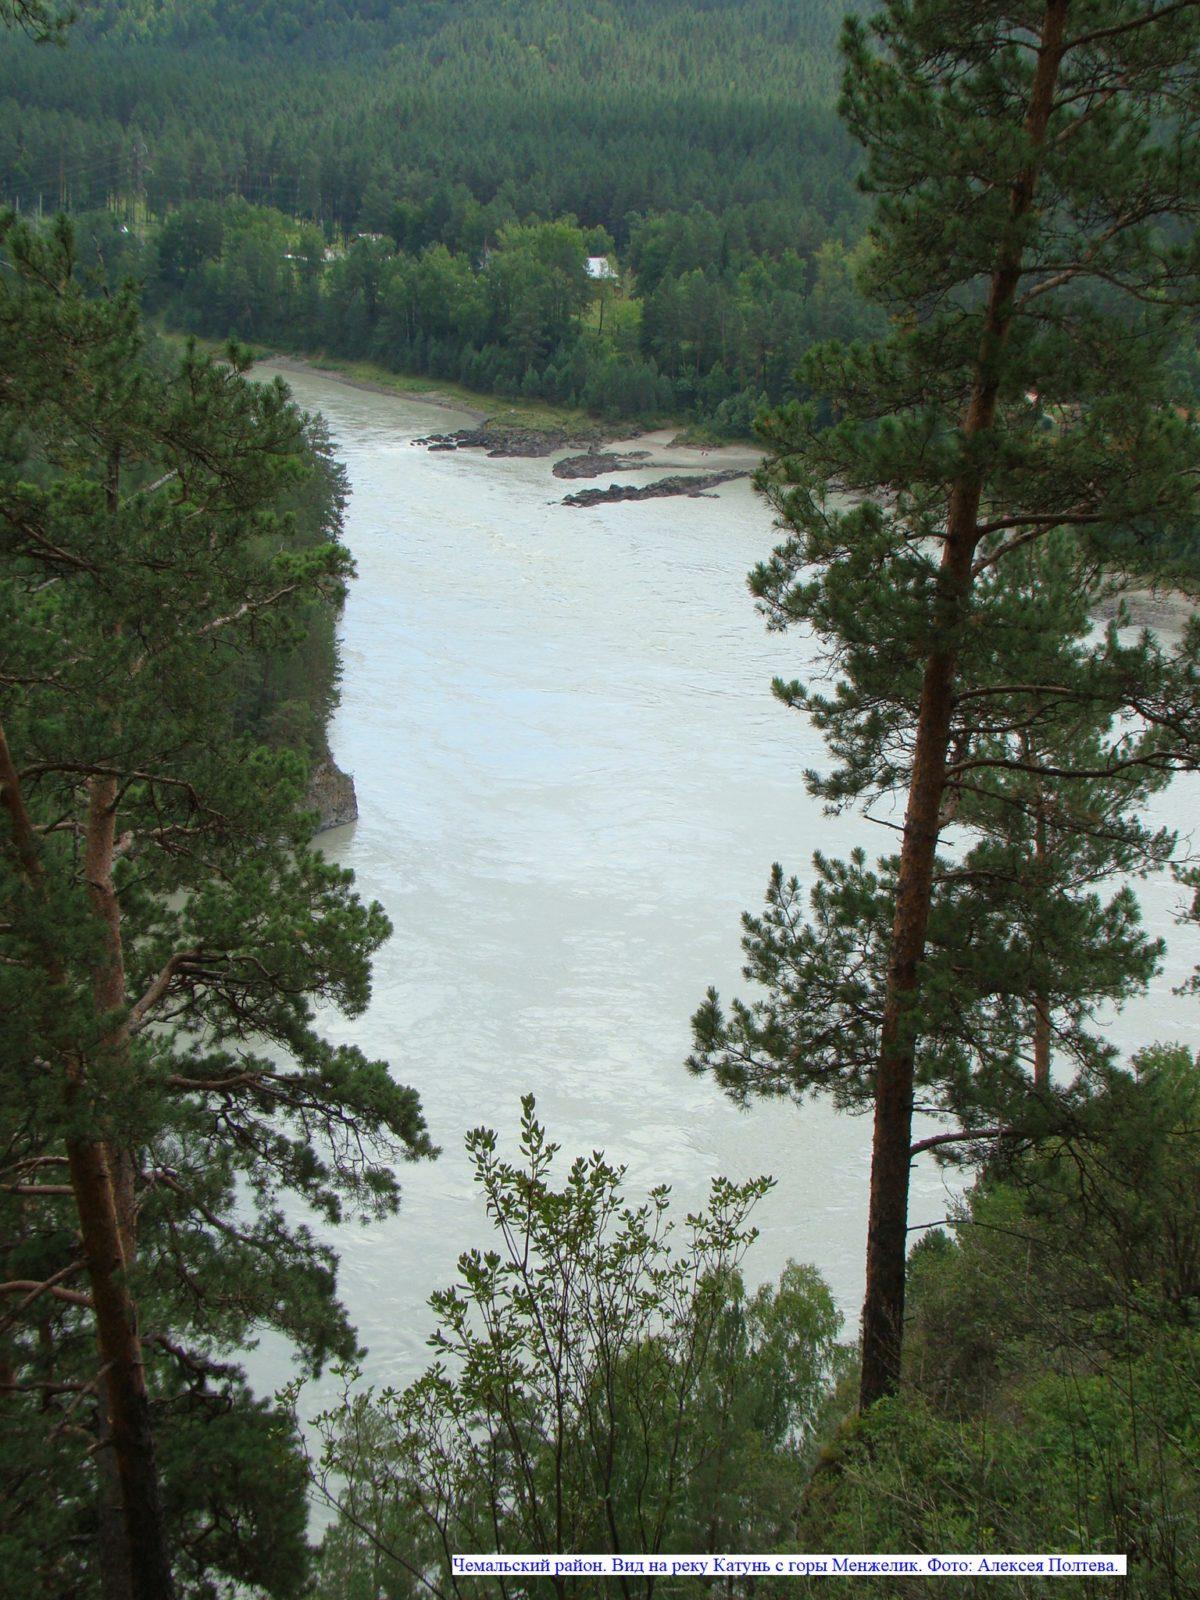 Чемальский район. Вид на реку Катунь с горы Менжелик.